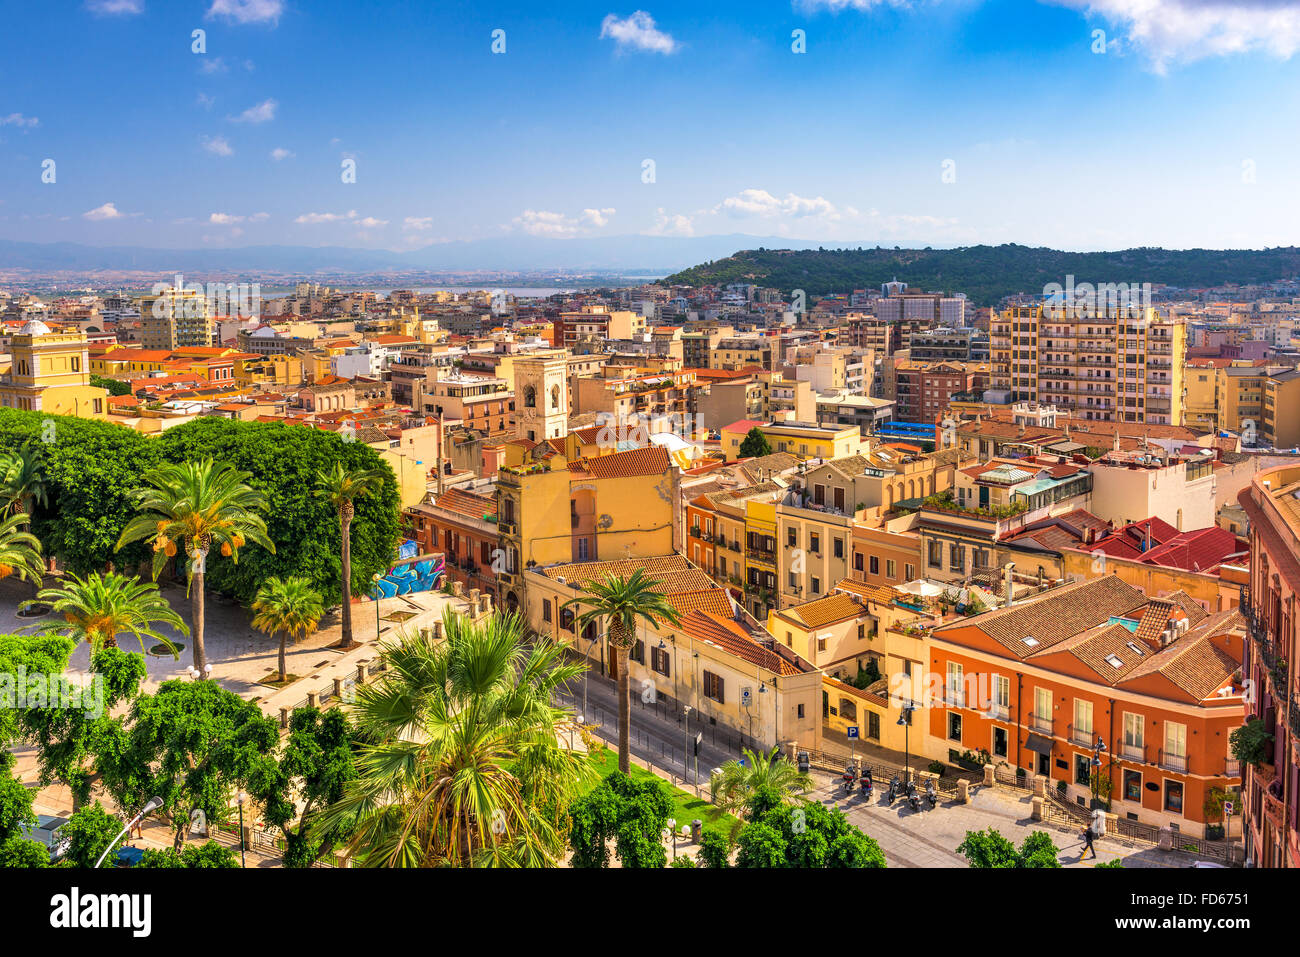 Cagliari, Sardinia, Italy cityscape. - Stock Image